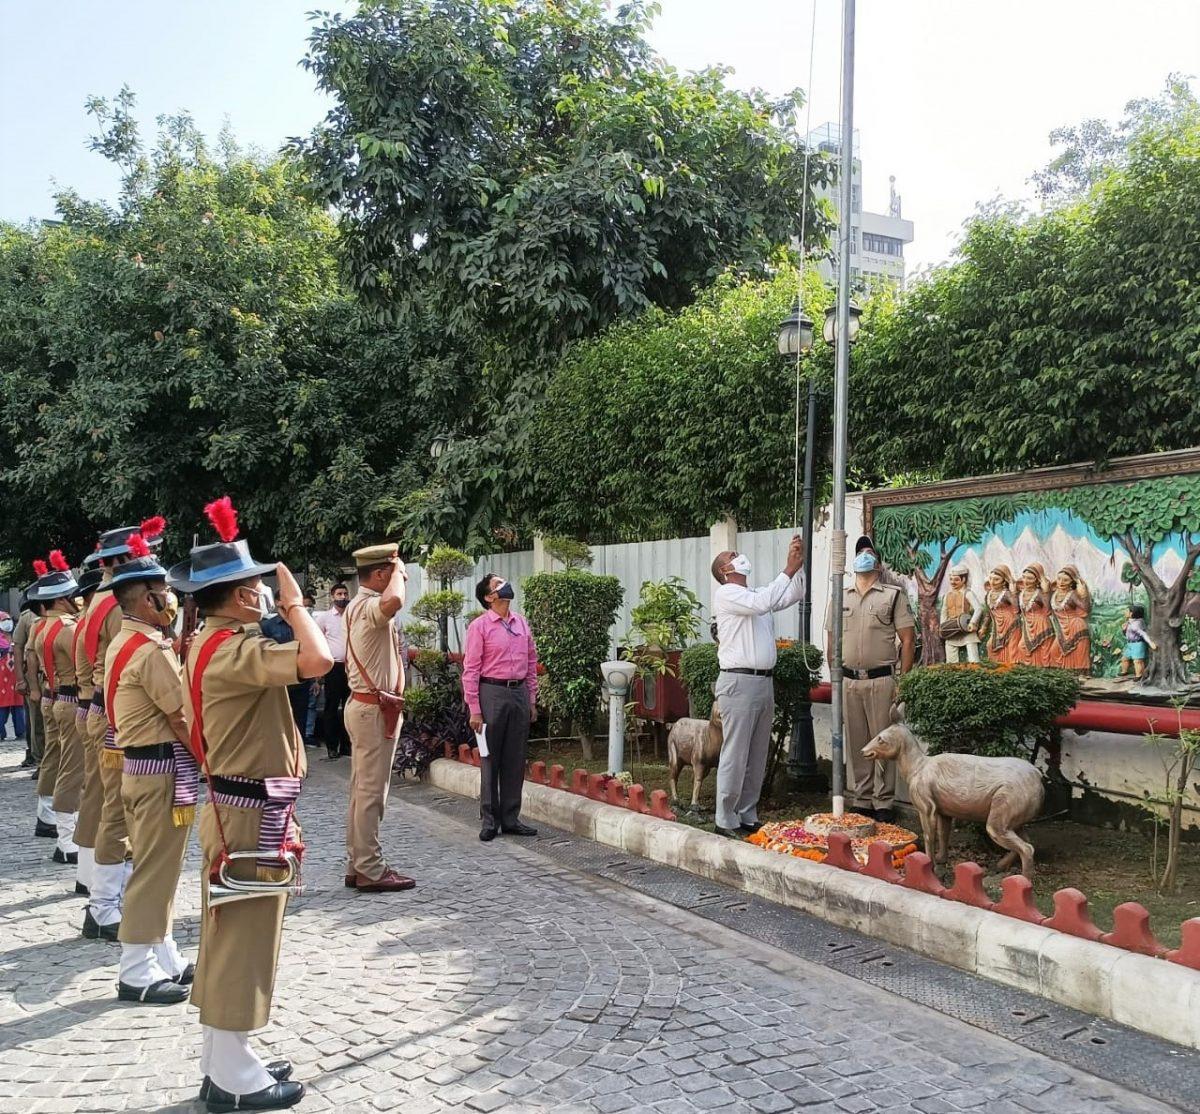 धूमधाम से मनाया गया नई दिल्ली स्थित उत्तराखण्ड सदन में 75वां स्वतंत्रता दिवस